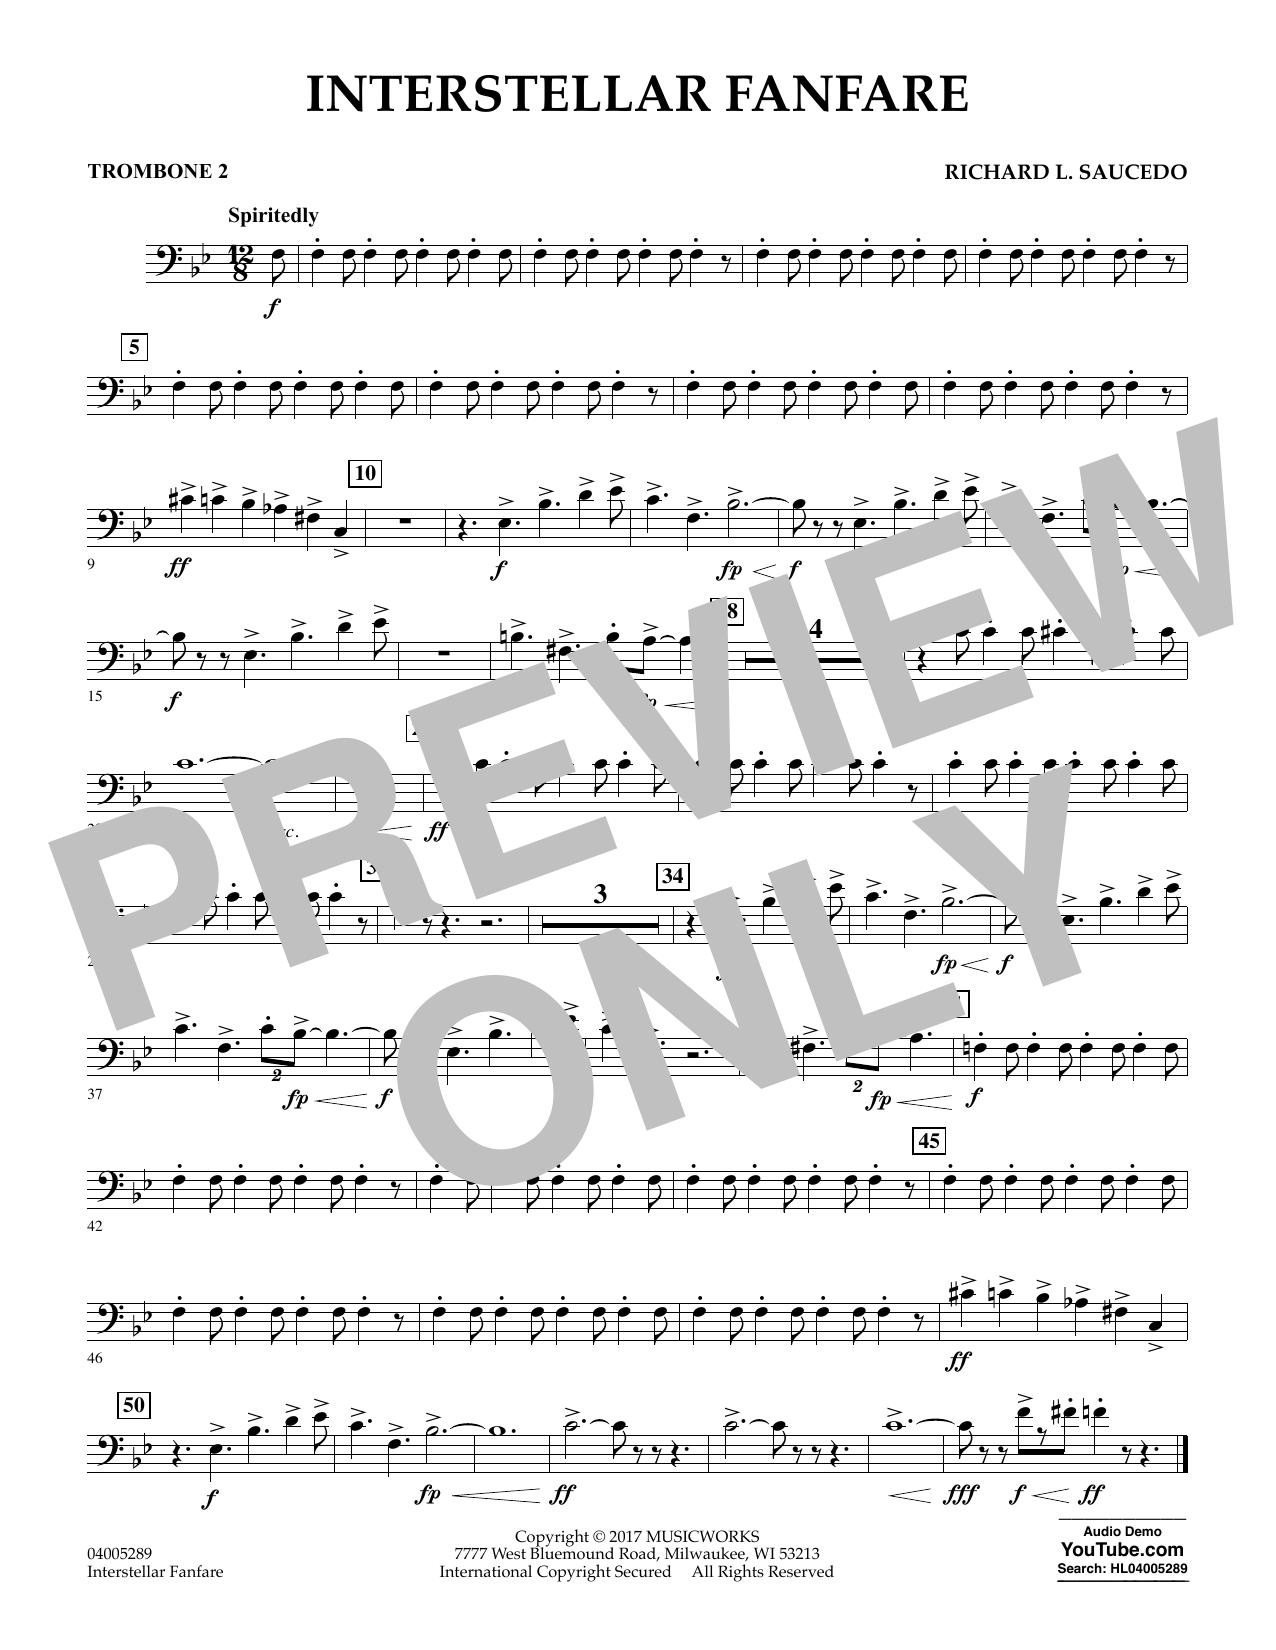 Richard L. Saucedo Interstellar Fanfare - Trombone 2 sheet music notes printable PDF score